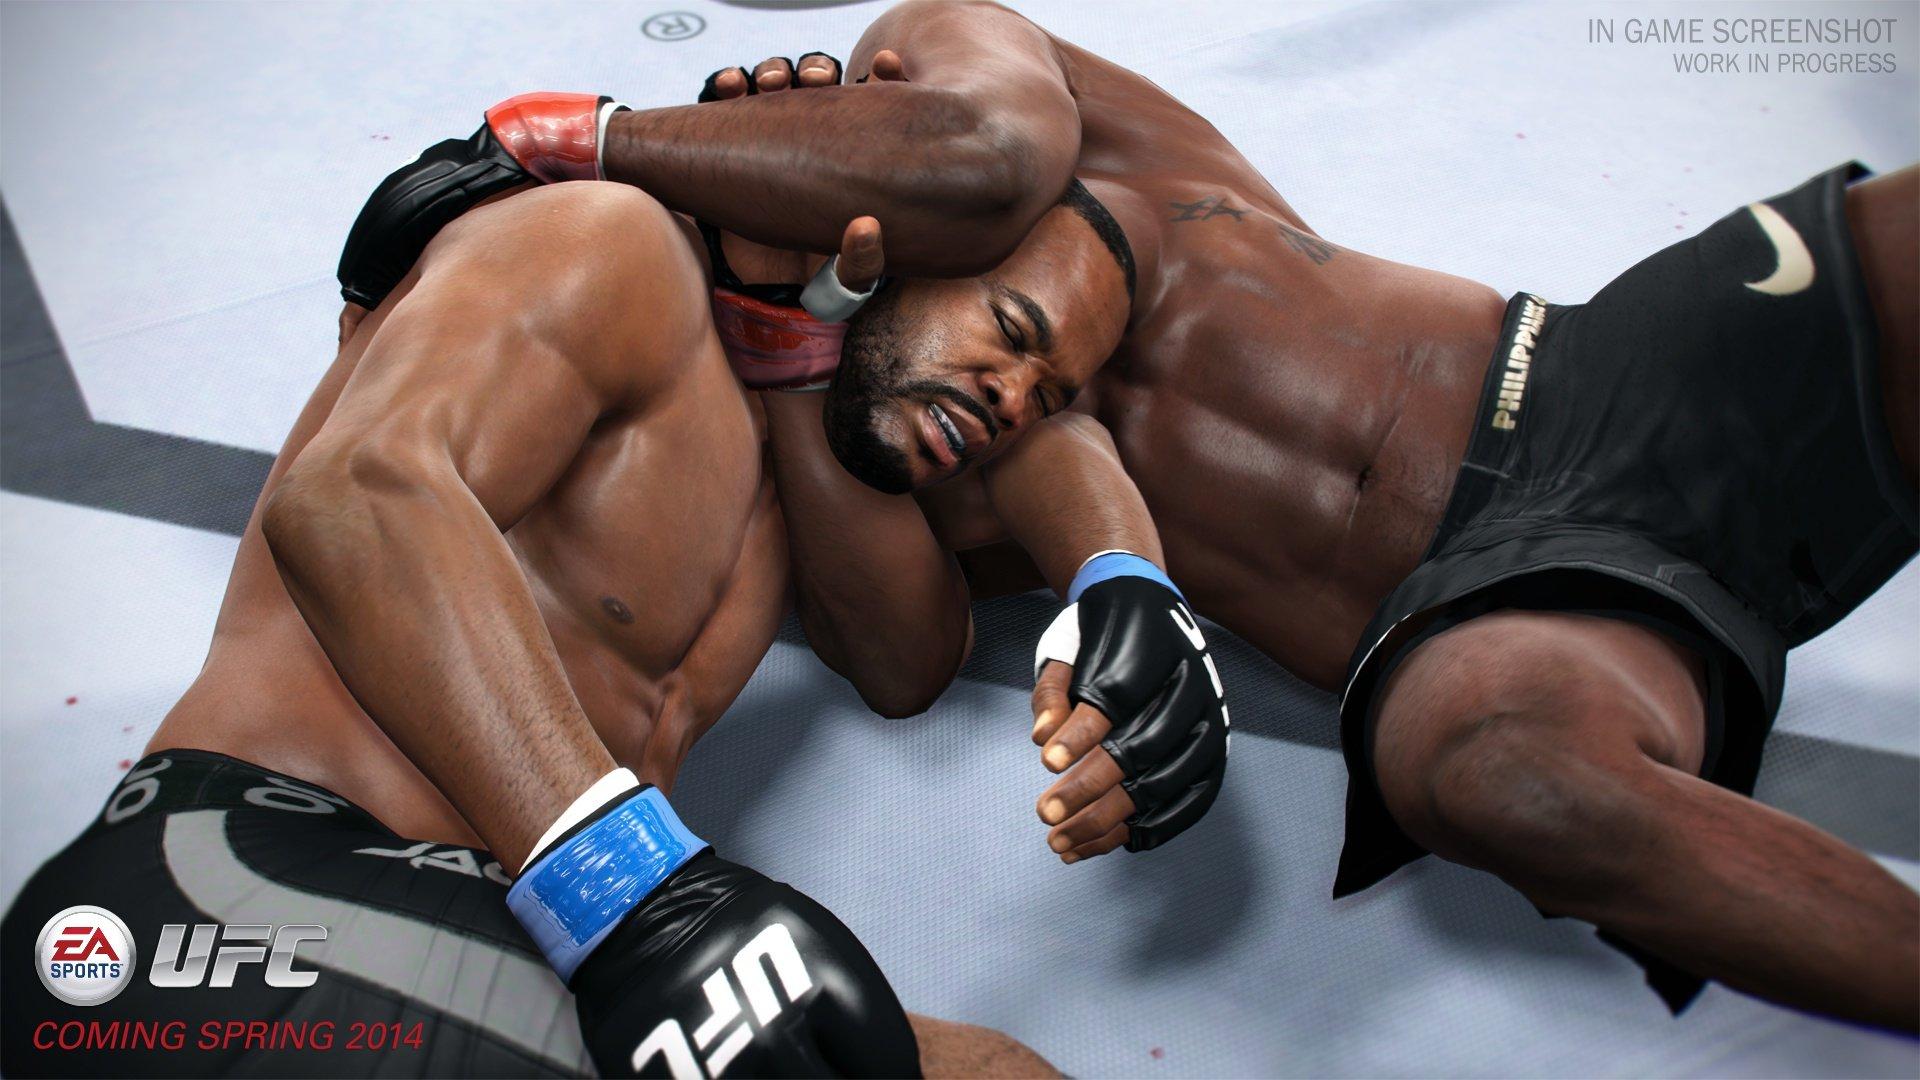 Анонсирована UFC 2 для PS4 и XBO - Изображение 1